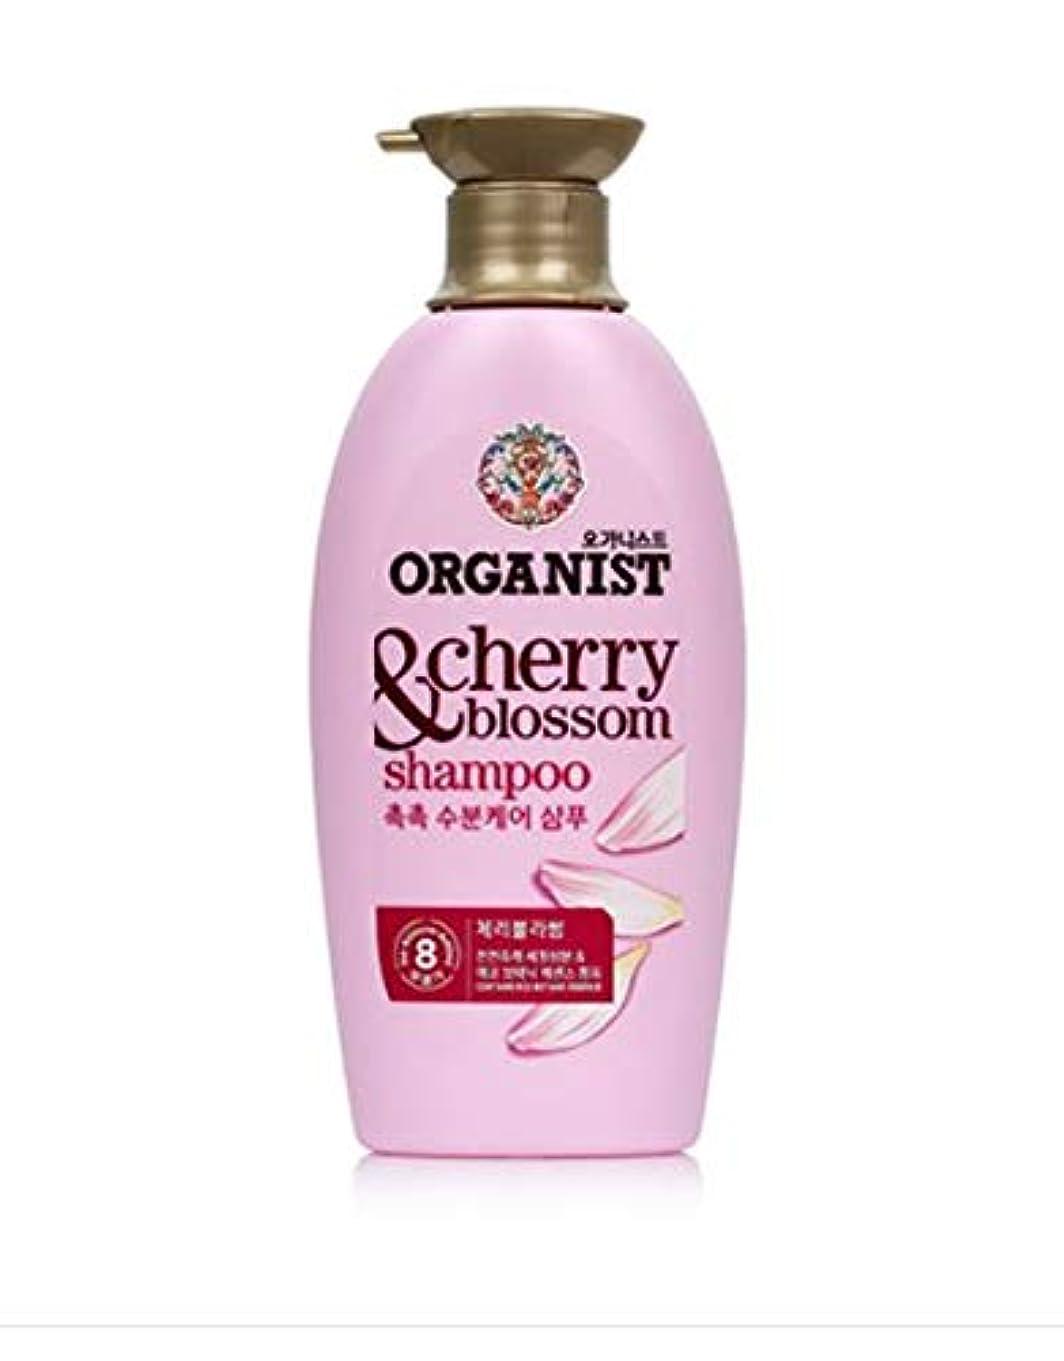 哺乳類観光に行く細部オーガニスト (ORGANIST)チェリーブロッサムシャンプー500ml/ ORGANIST Cherry Blossom Hydrating Shampoo 500ml [並行輸入品]